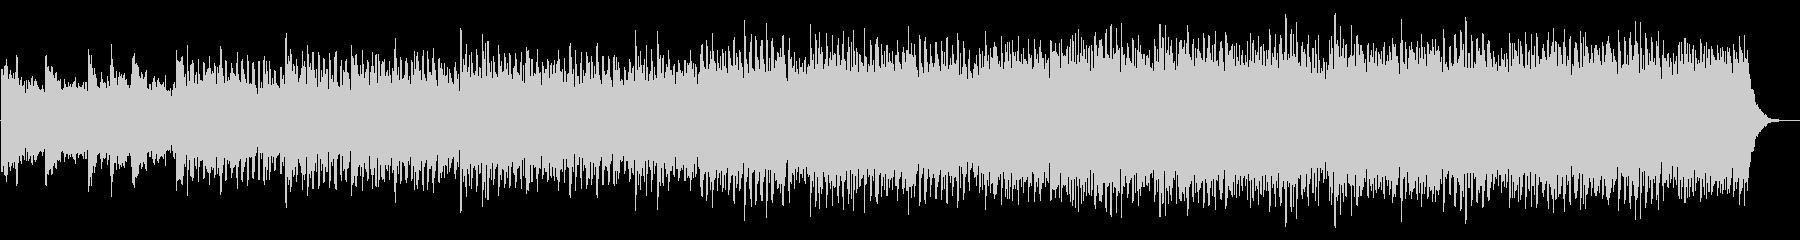 ピアノとシンセの導入向けアンビエントの未再生の波形